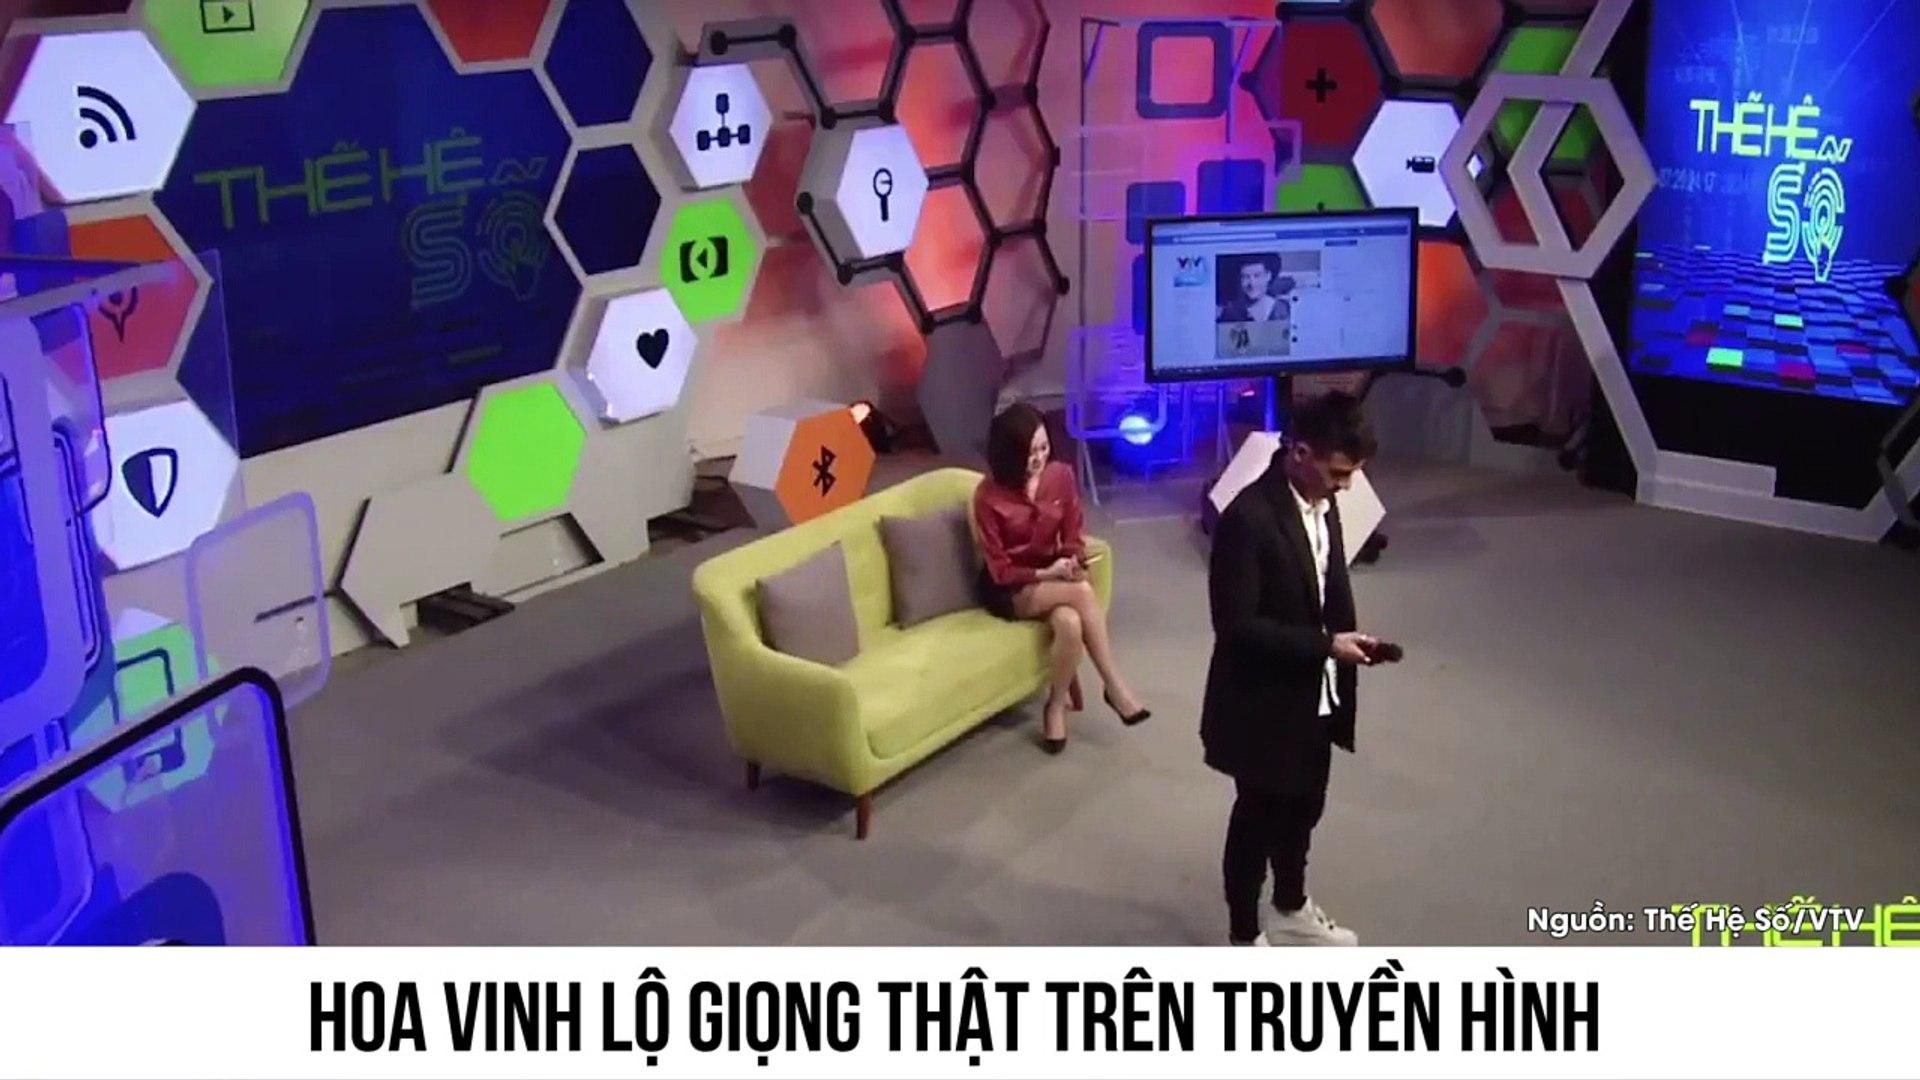 Chàng trai hot nhất facebook Hoa Vinh lộ diện giọng hát thật trên sóng truyền hình